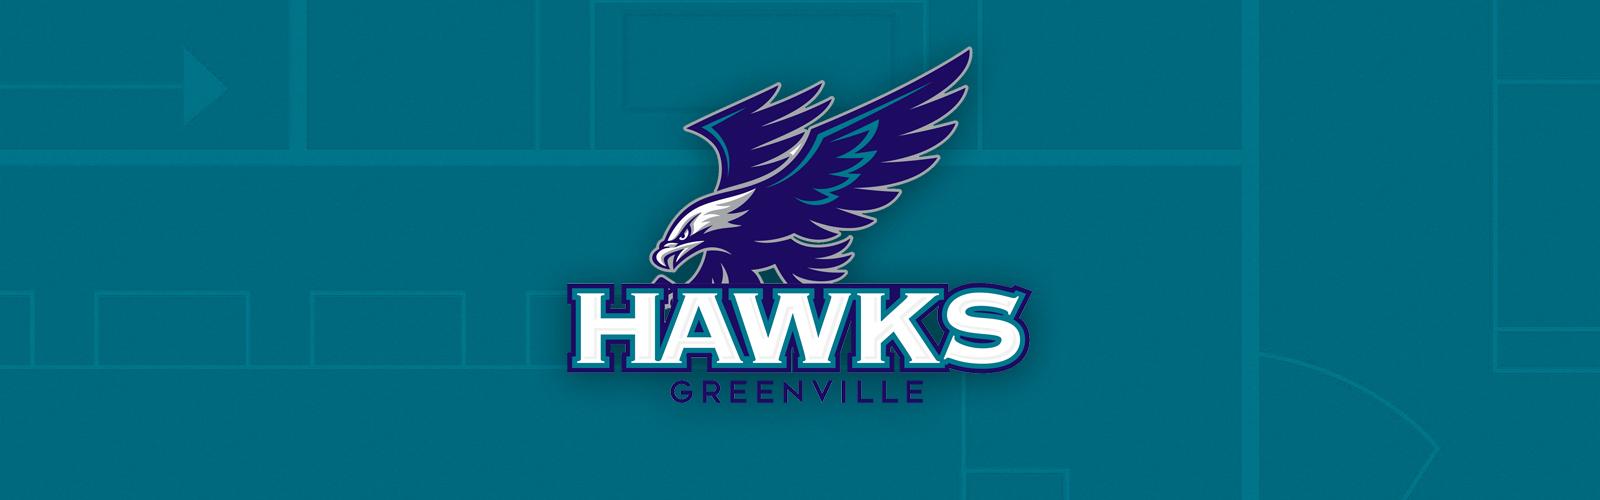 Greenville_Header